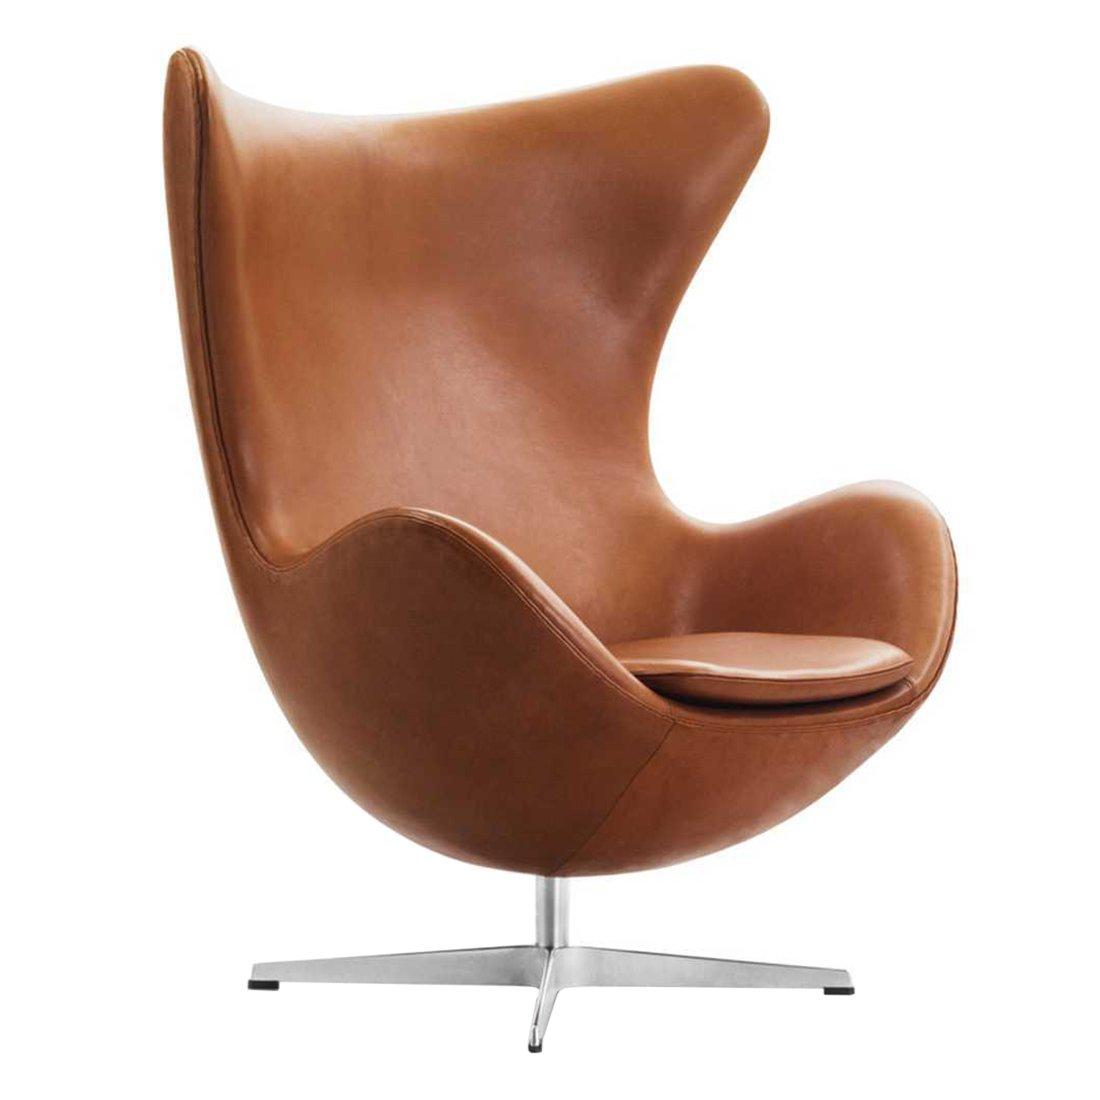 Fritz Hansen Egg Chair - Walnoot Elegance Leder